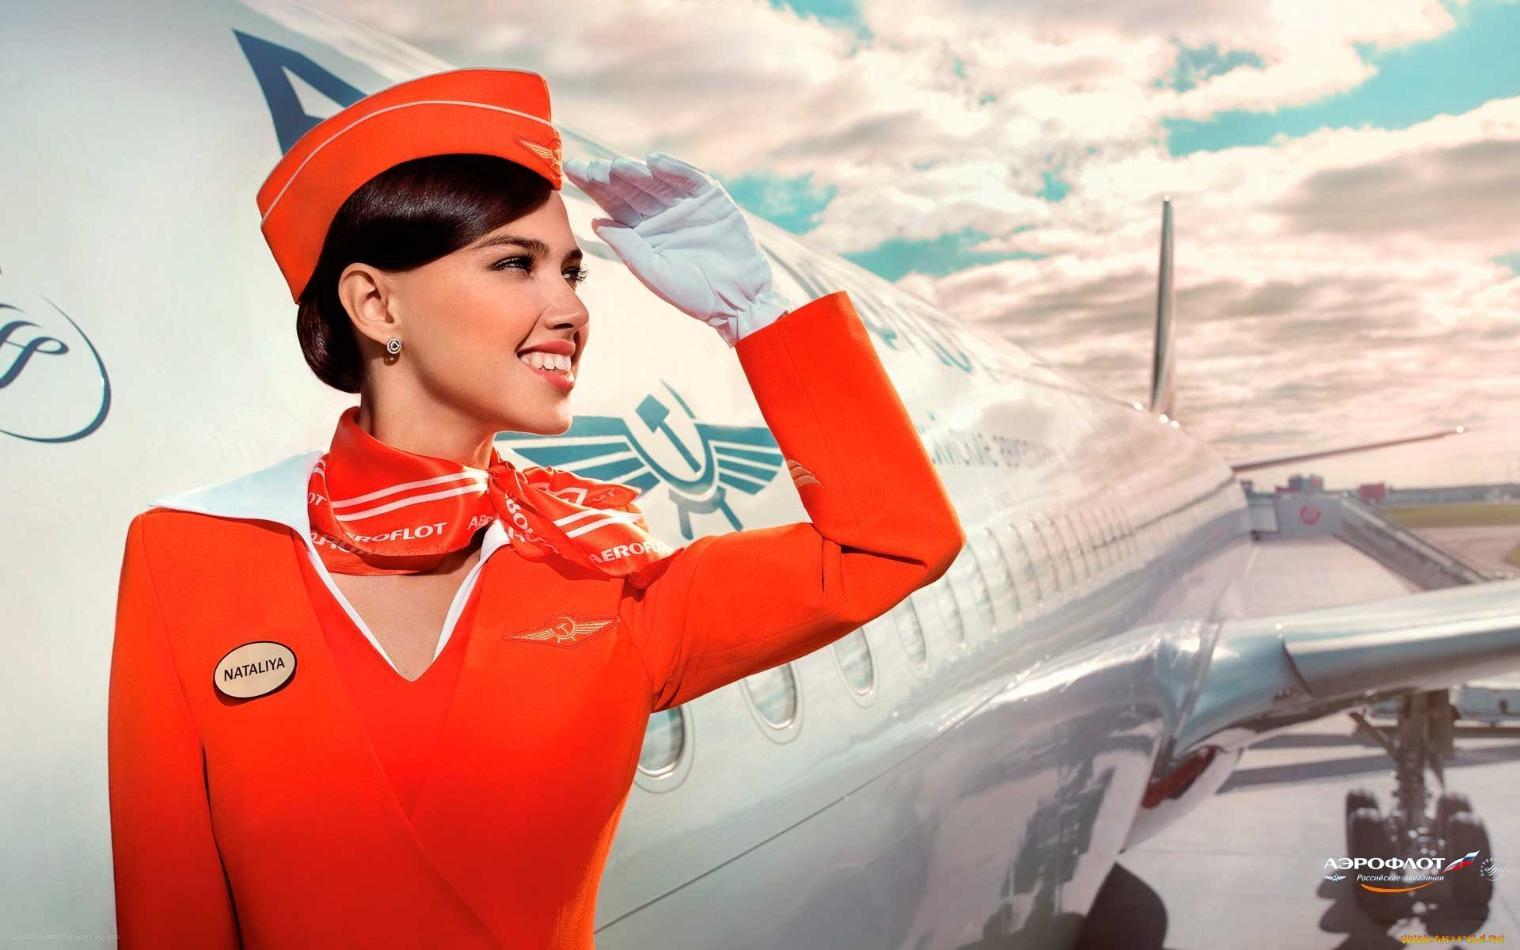 Стюардесса мисс одесса 1 фотография